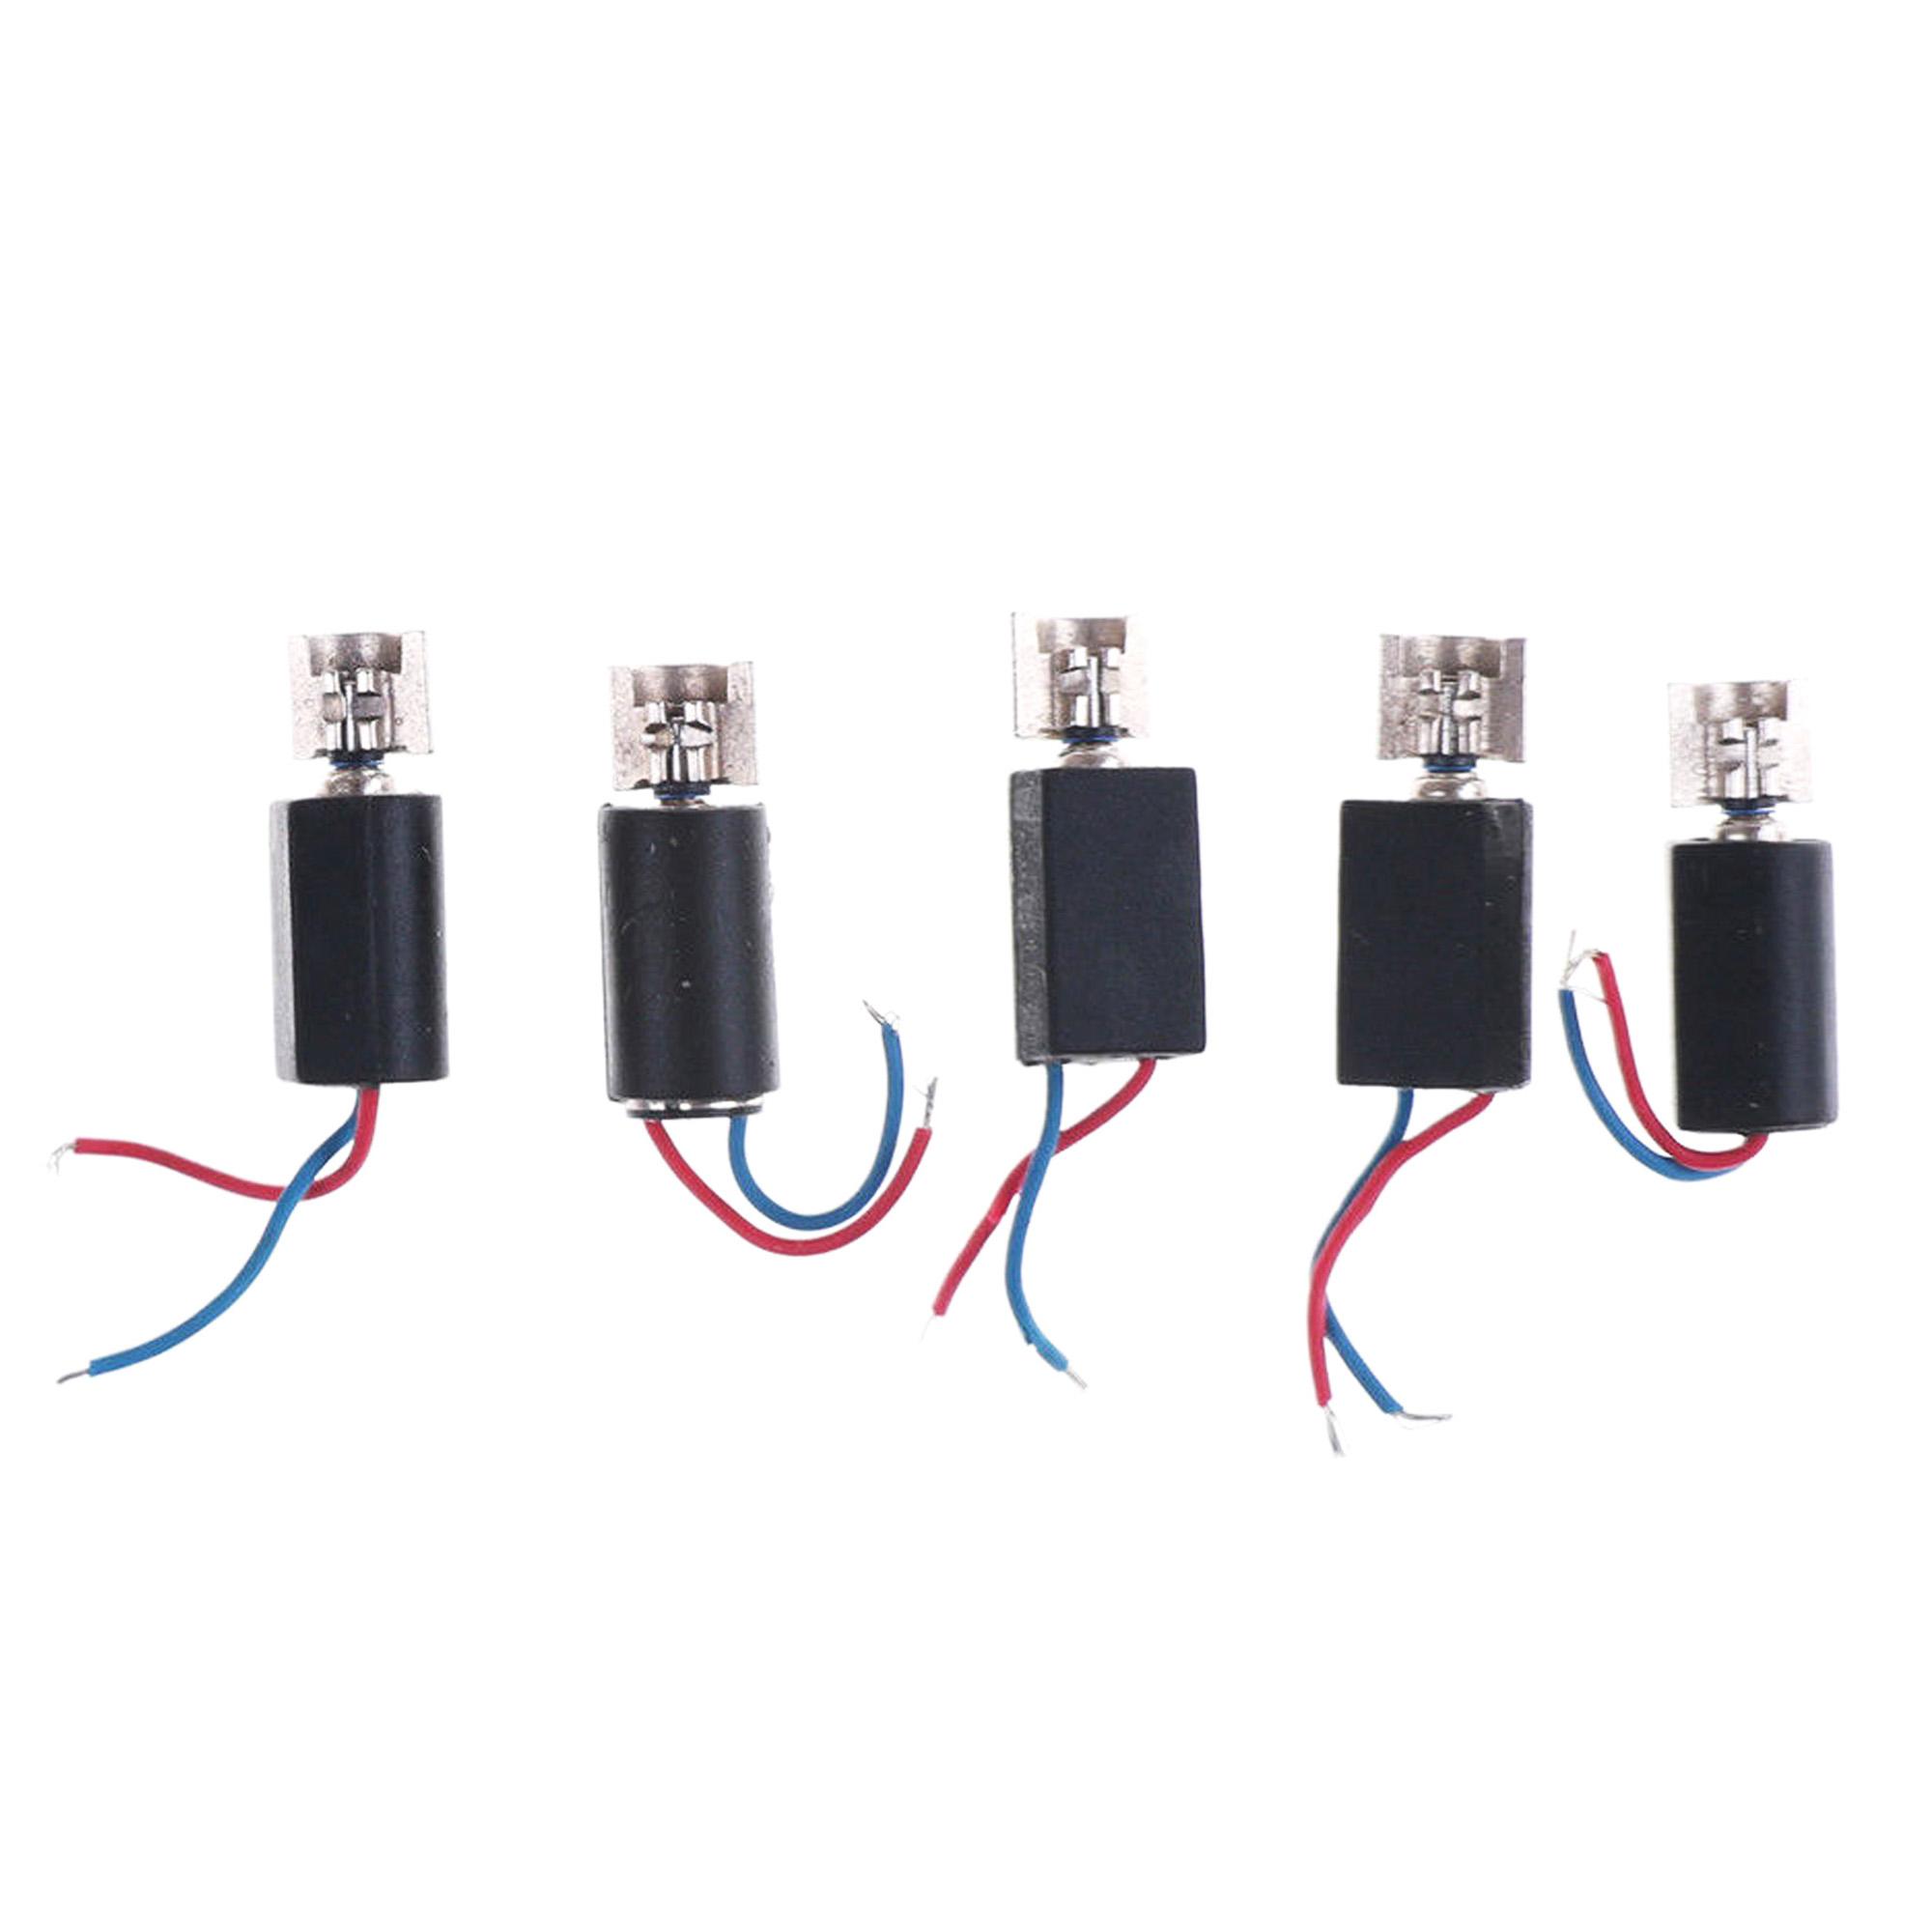 10Pcs 6x15mm Micro Coreless Vibrating Vibrator Vibration Motor For SANYO